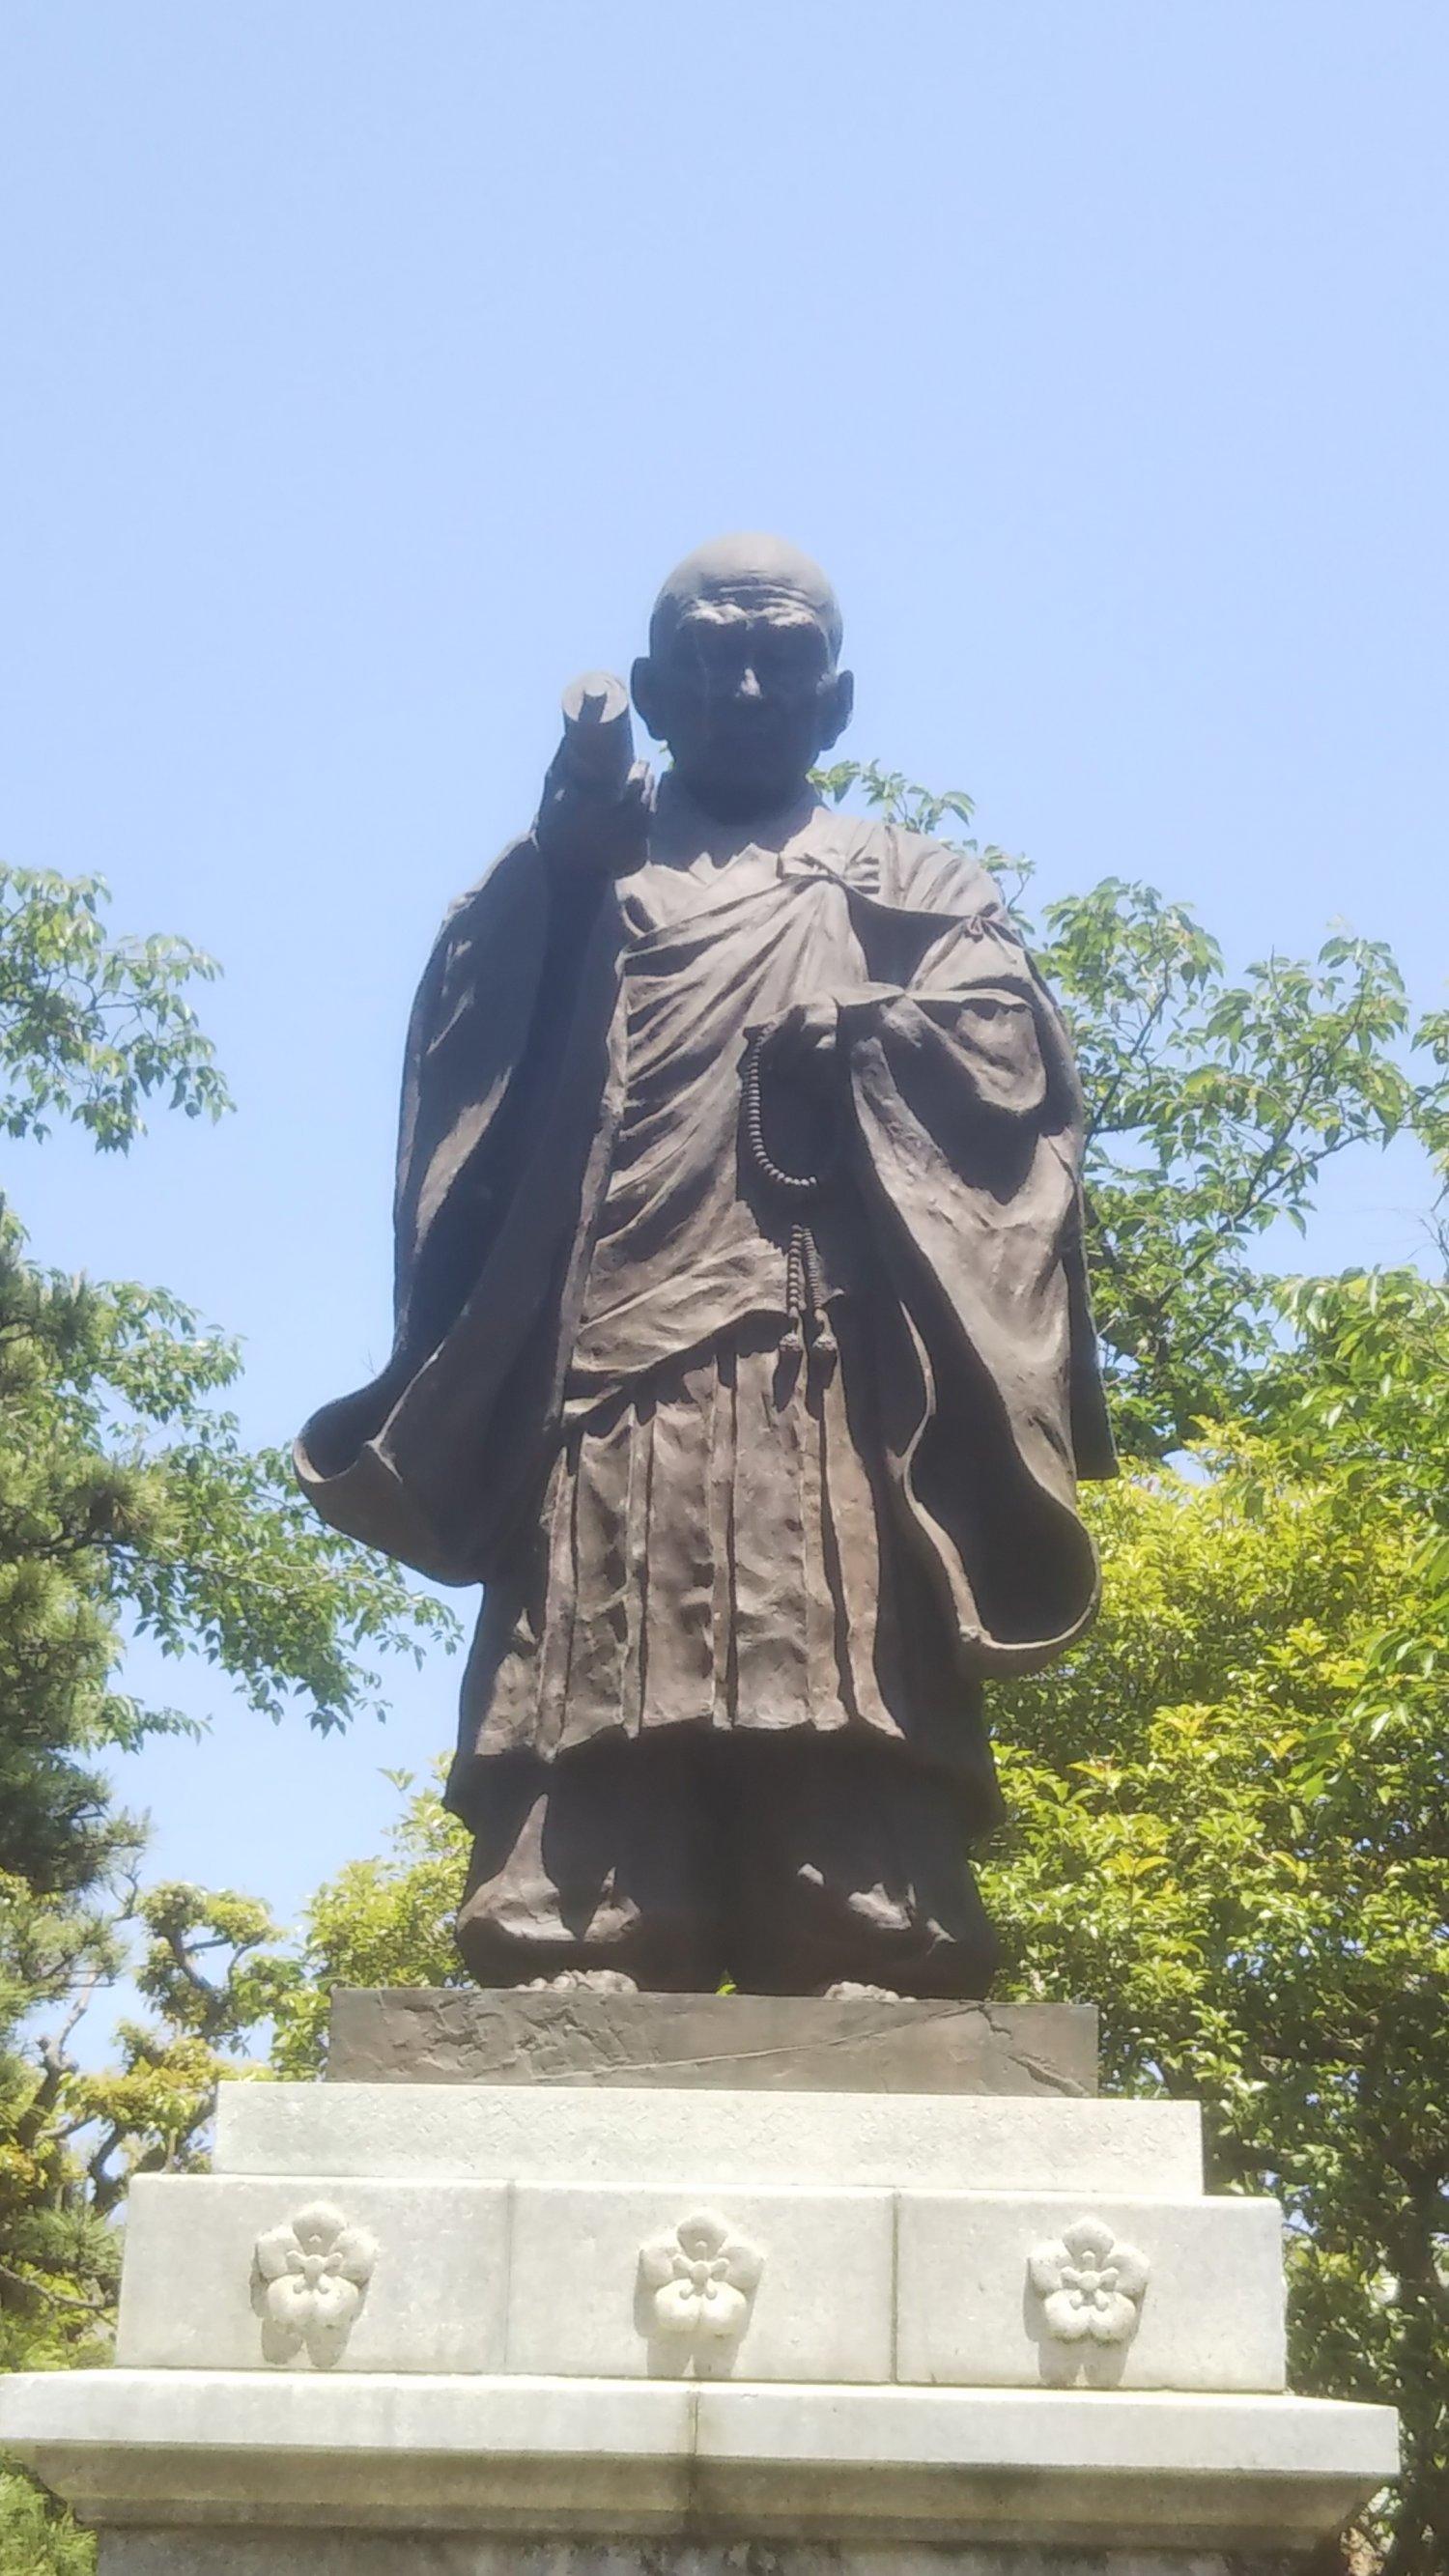 同寺の開祖・日常上人の像。これらに倣って帝釈天に御前様(日奏上人)像の建立を希望する!